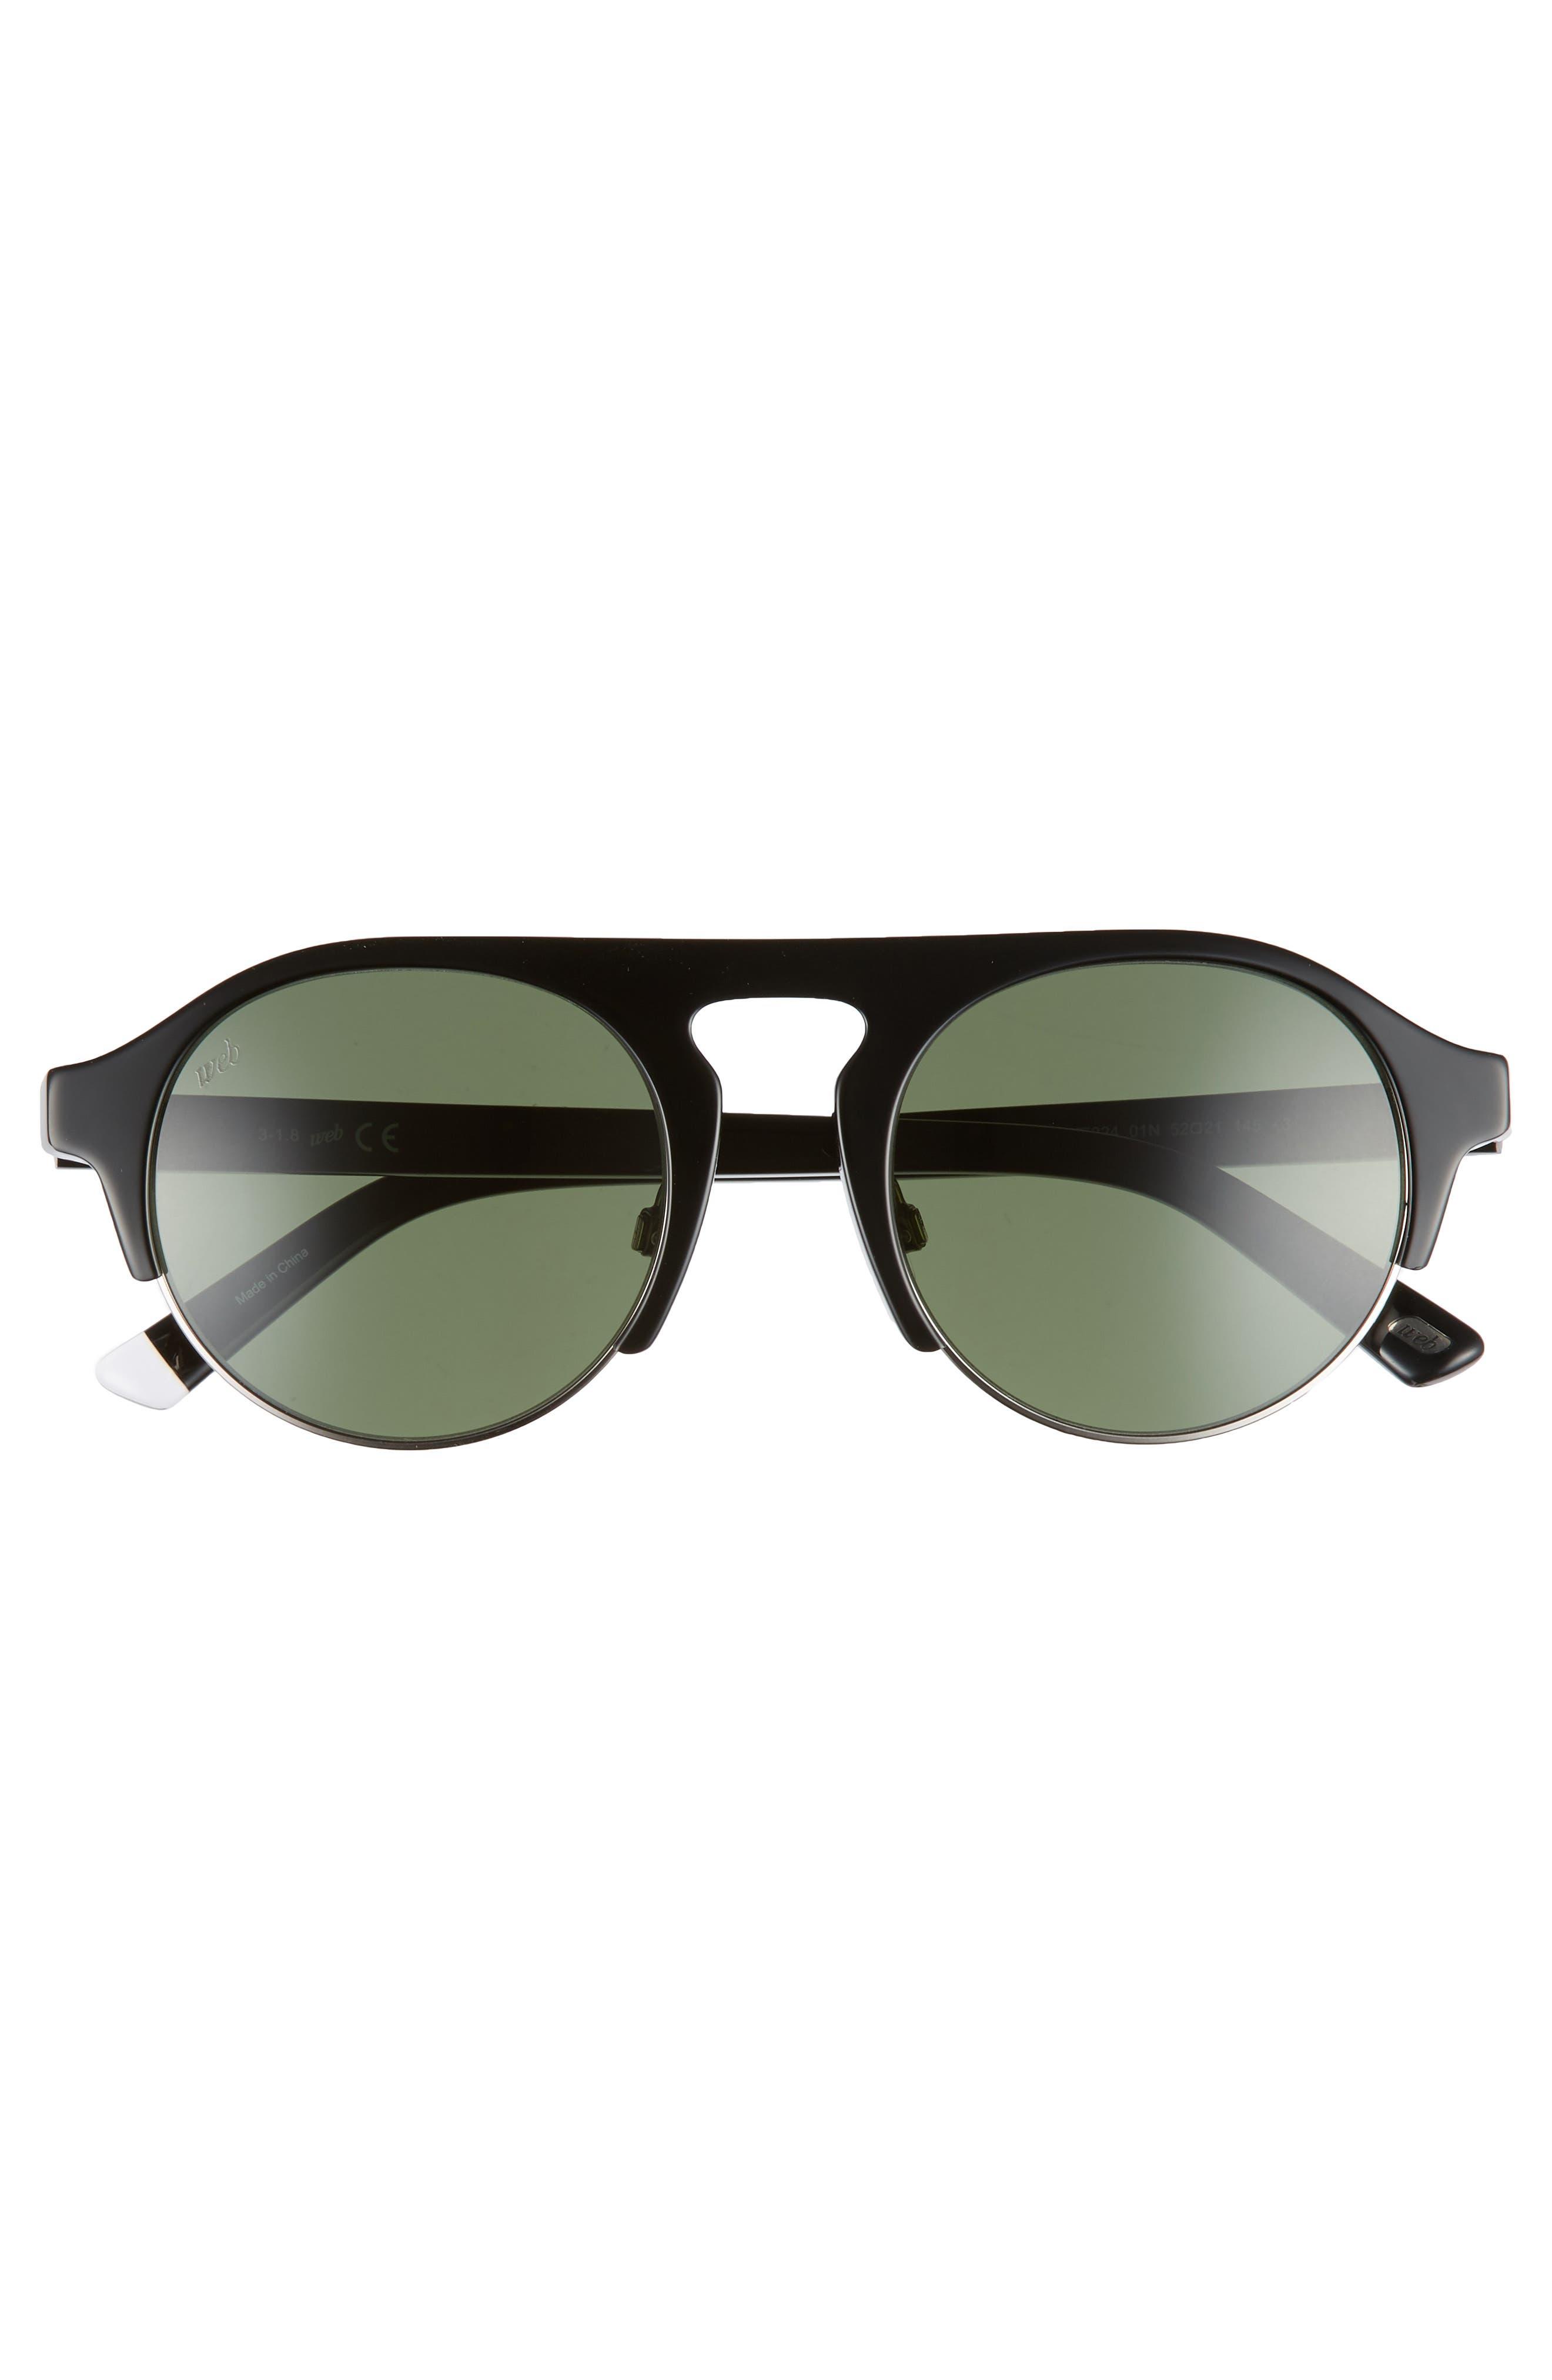 52mm Sunglasses,                             Alternate thumbnail 3, color,                             SHINY BLACK/ GREEN